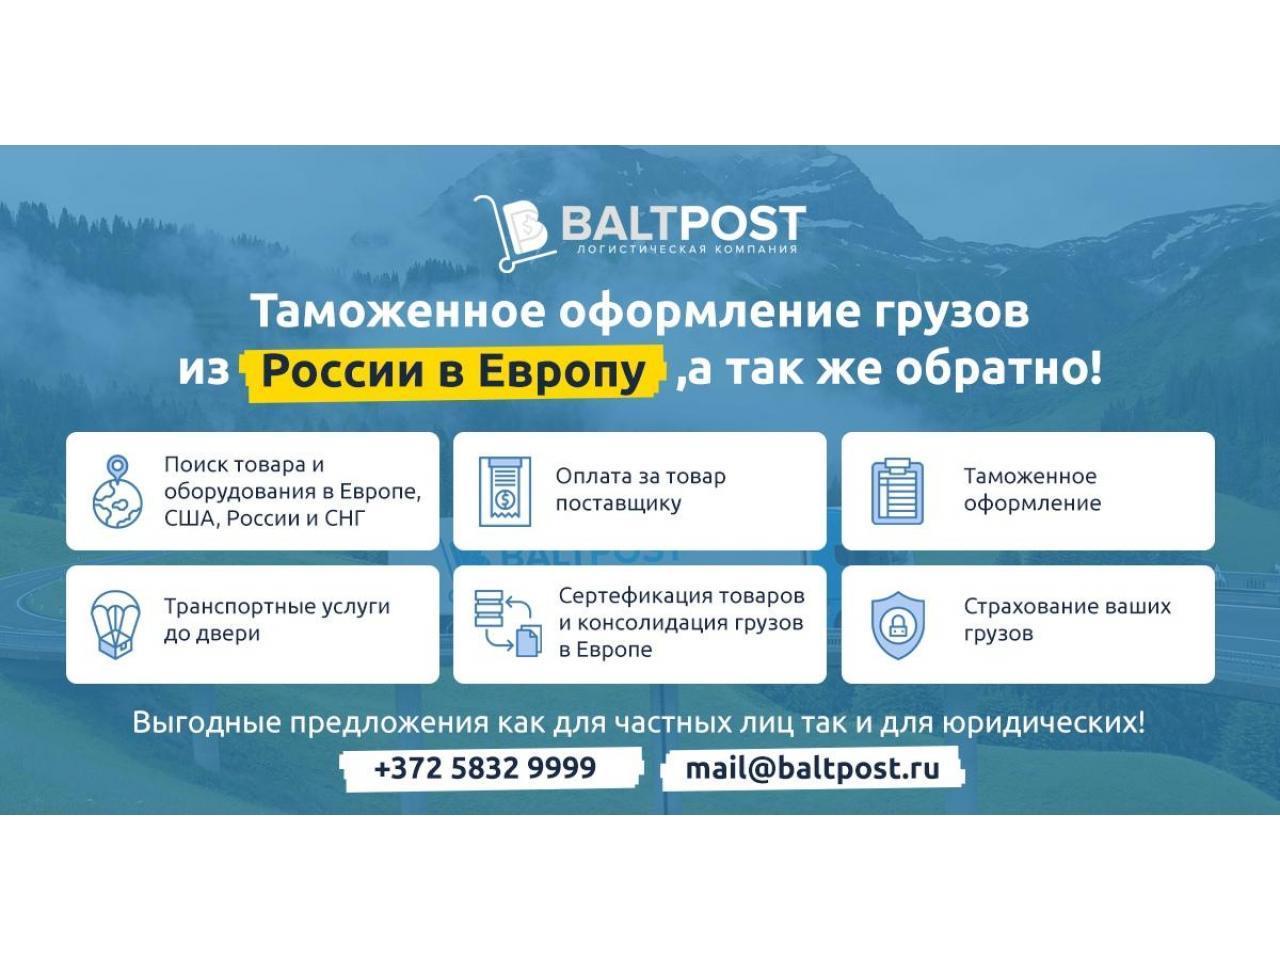 Доставка товаров и посылок от 1кг из Европы  в  Россию и СНГ - 1